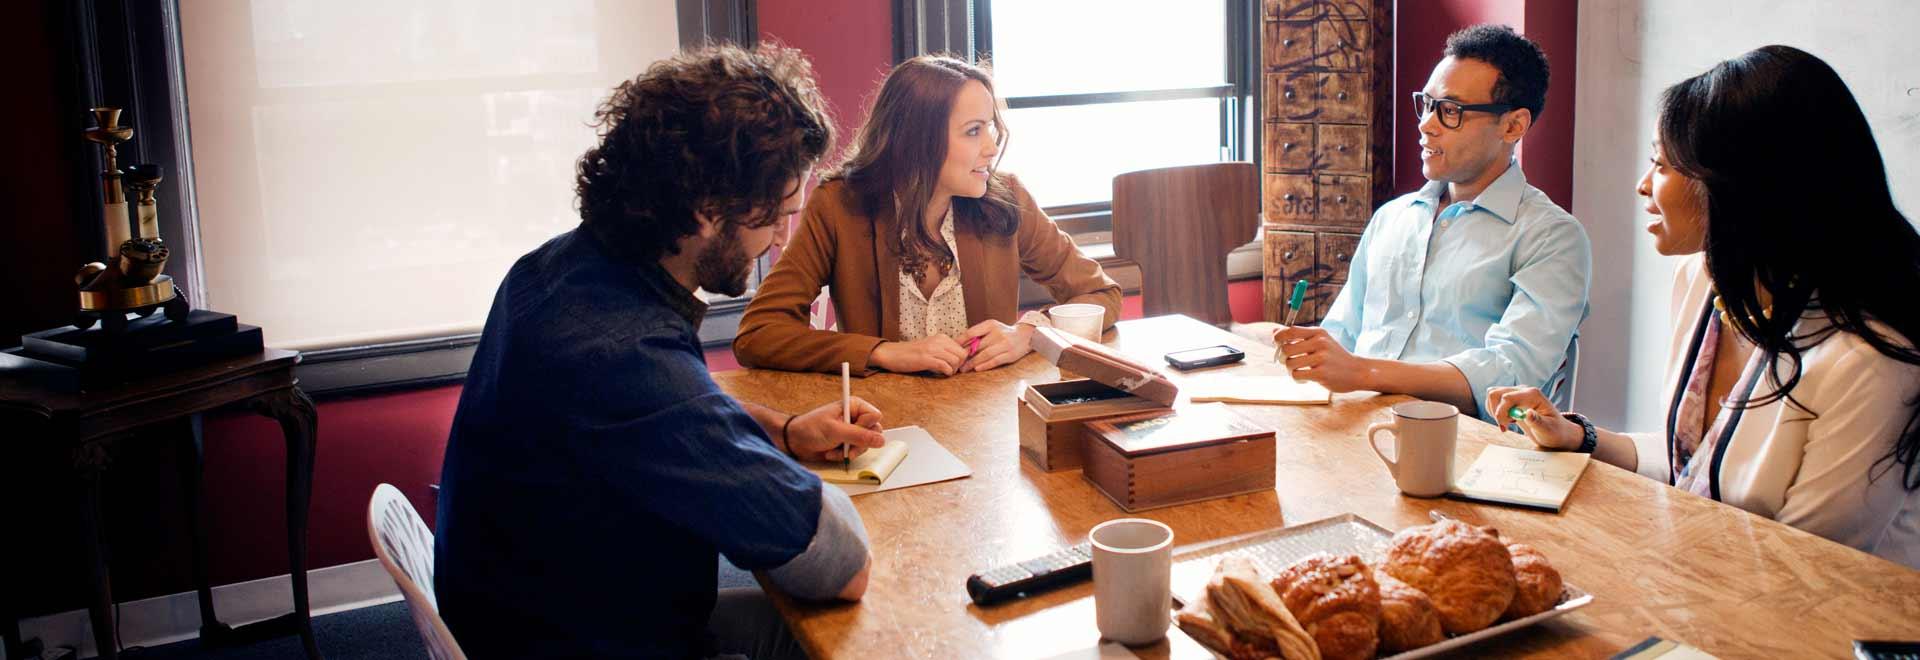 za ljudi, ki delajo v pisarni in uporabljajo Office 365 Enterprise E3.